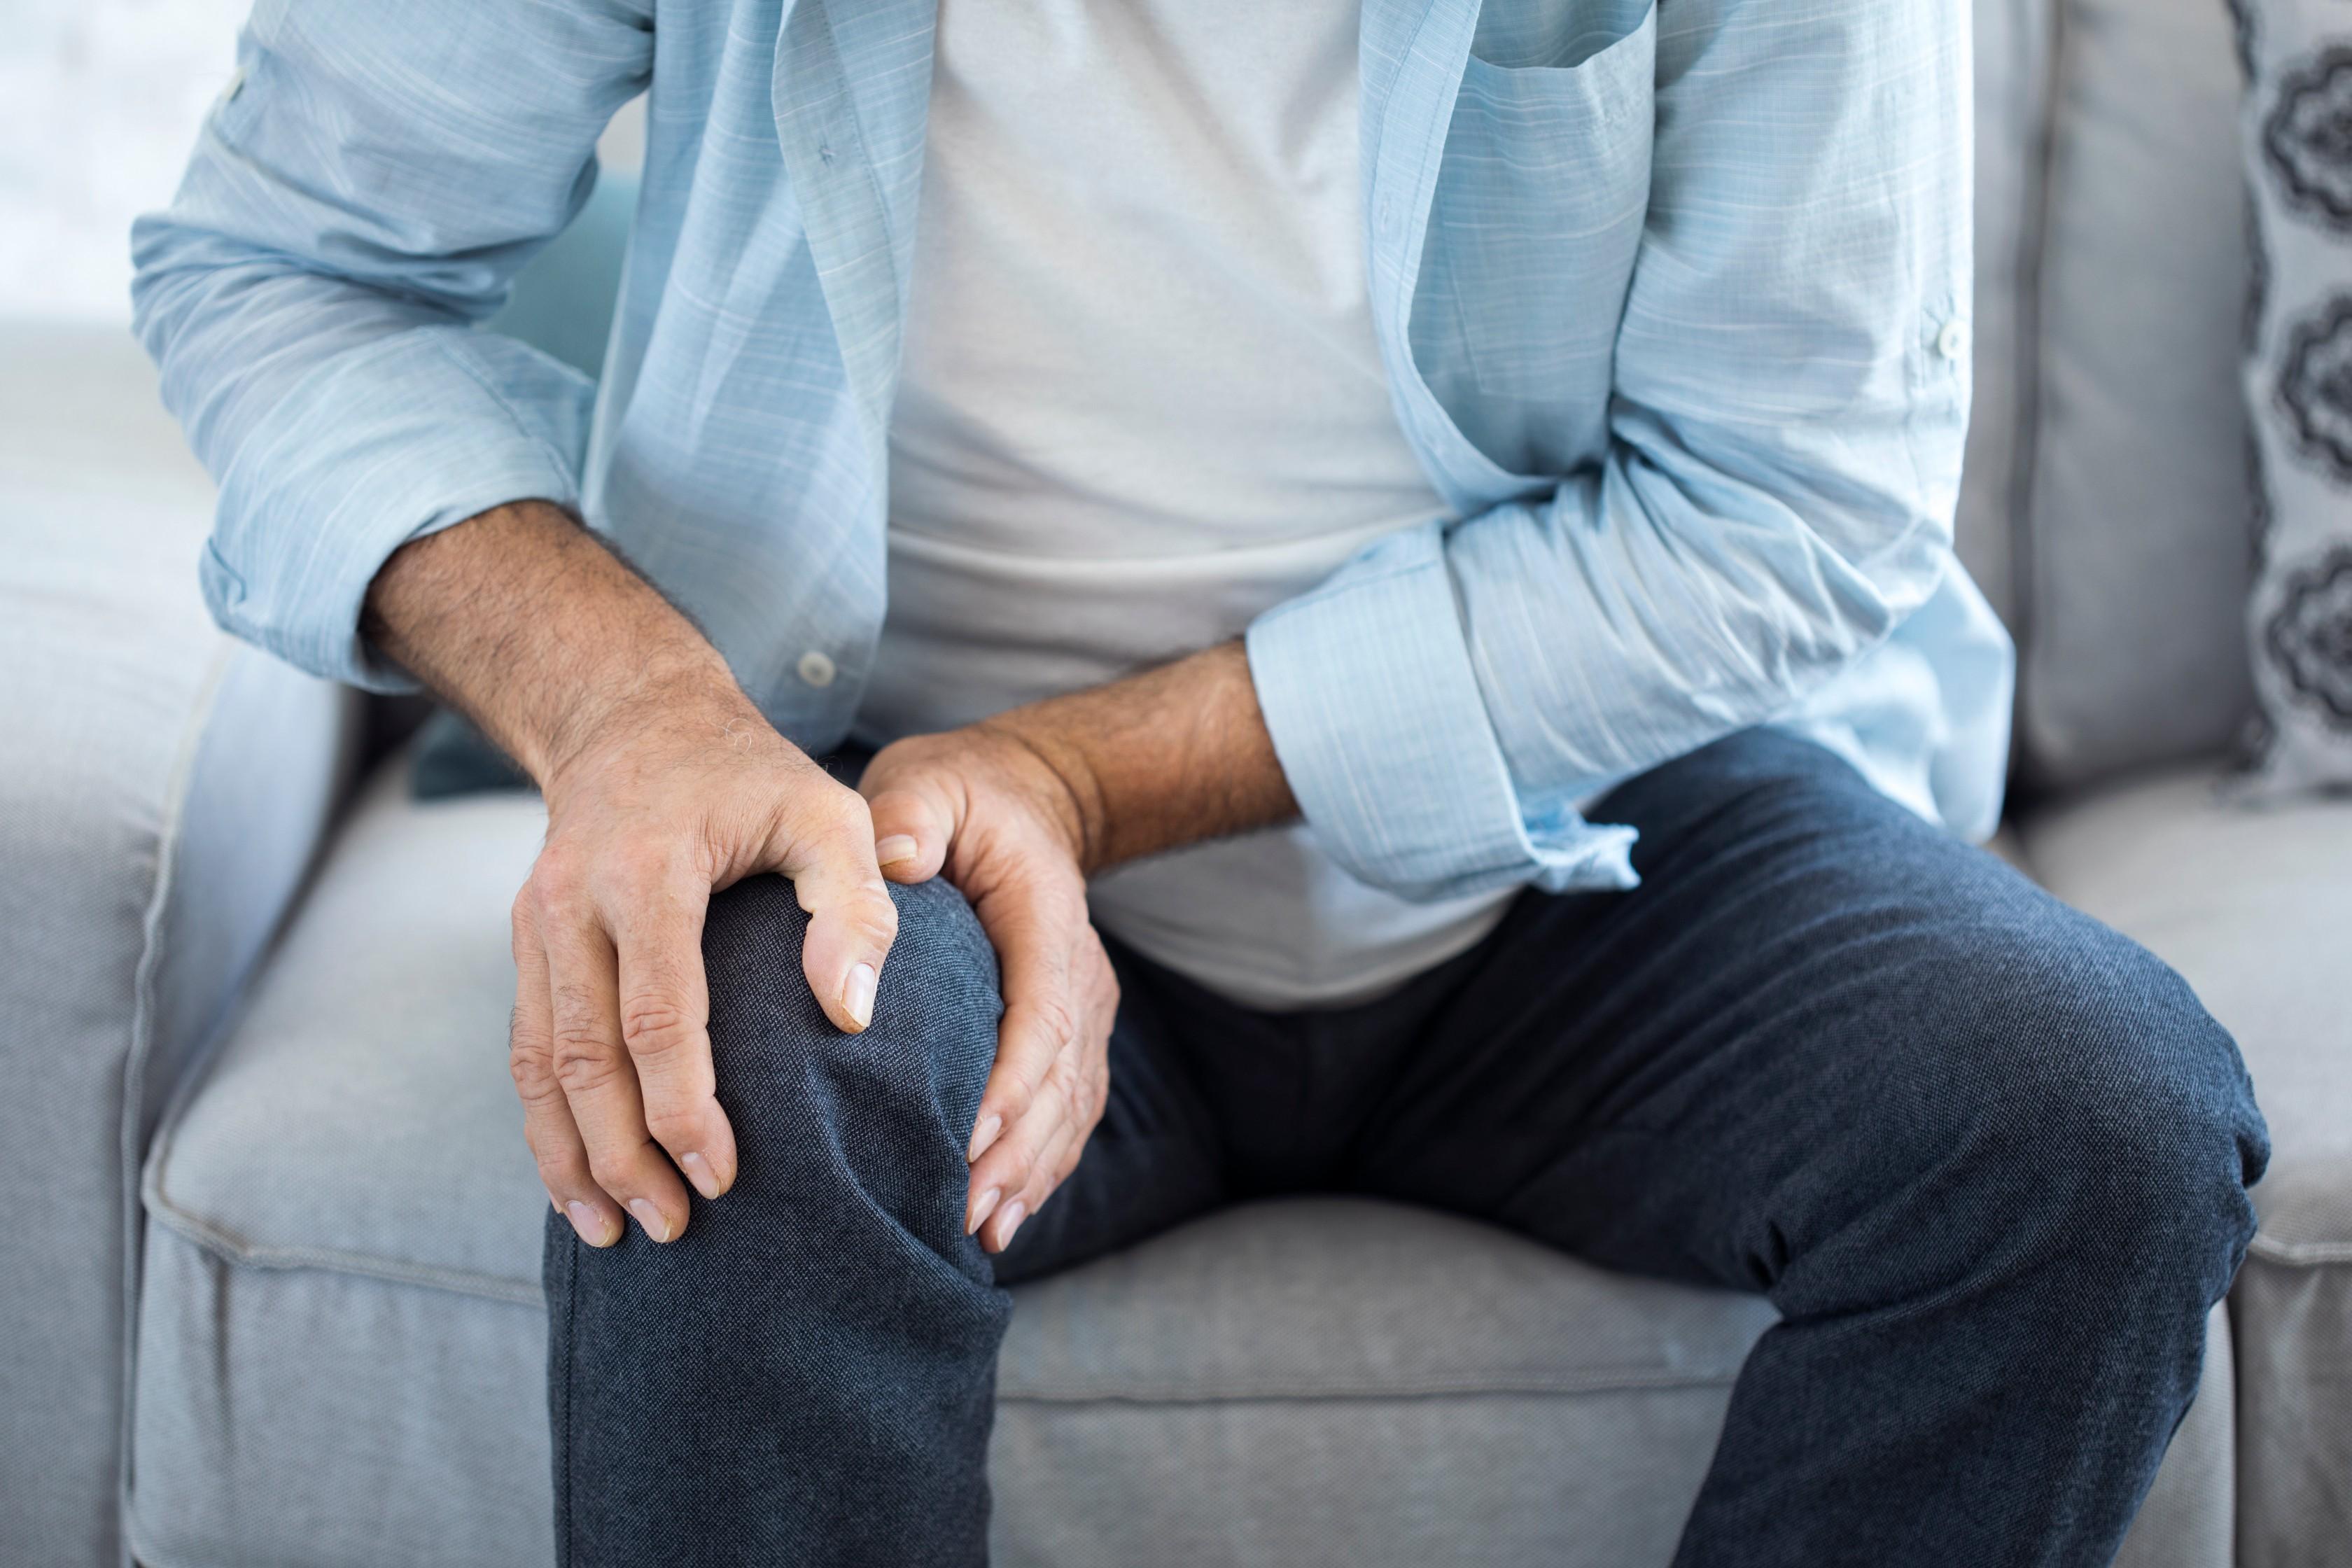 bőrpír izületi fájdalom chondrolone ízületi fájdalom injekciók